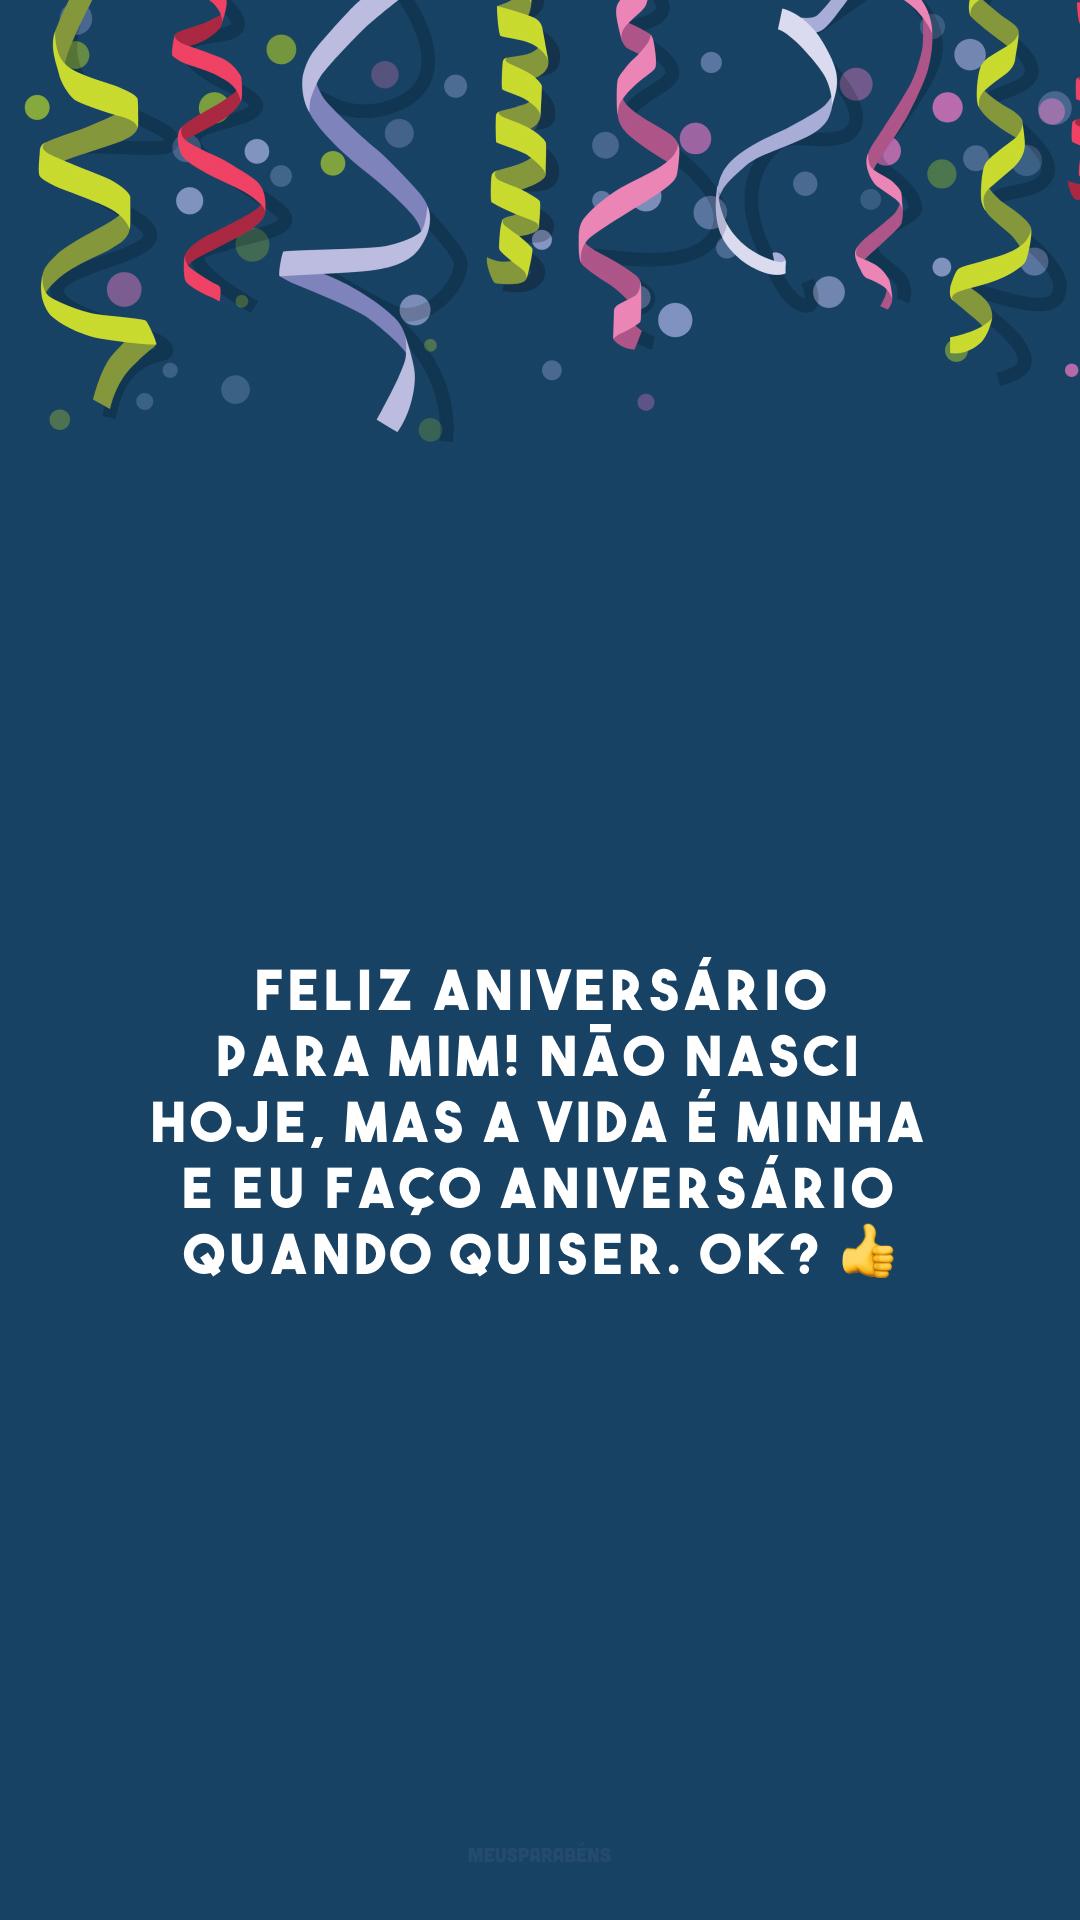 Feliz aniversário para mim! Não nasci hoje, mas a vida é minha e eu faço aniversário quando quiser. OK? 👍